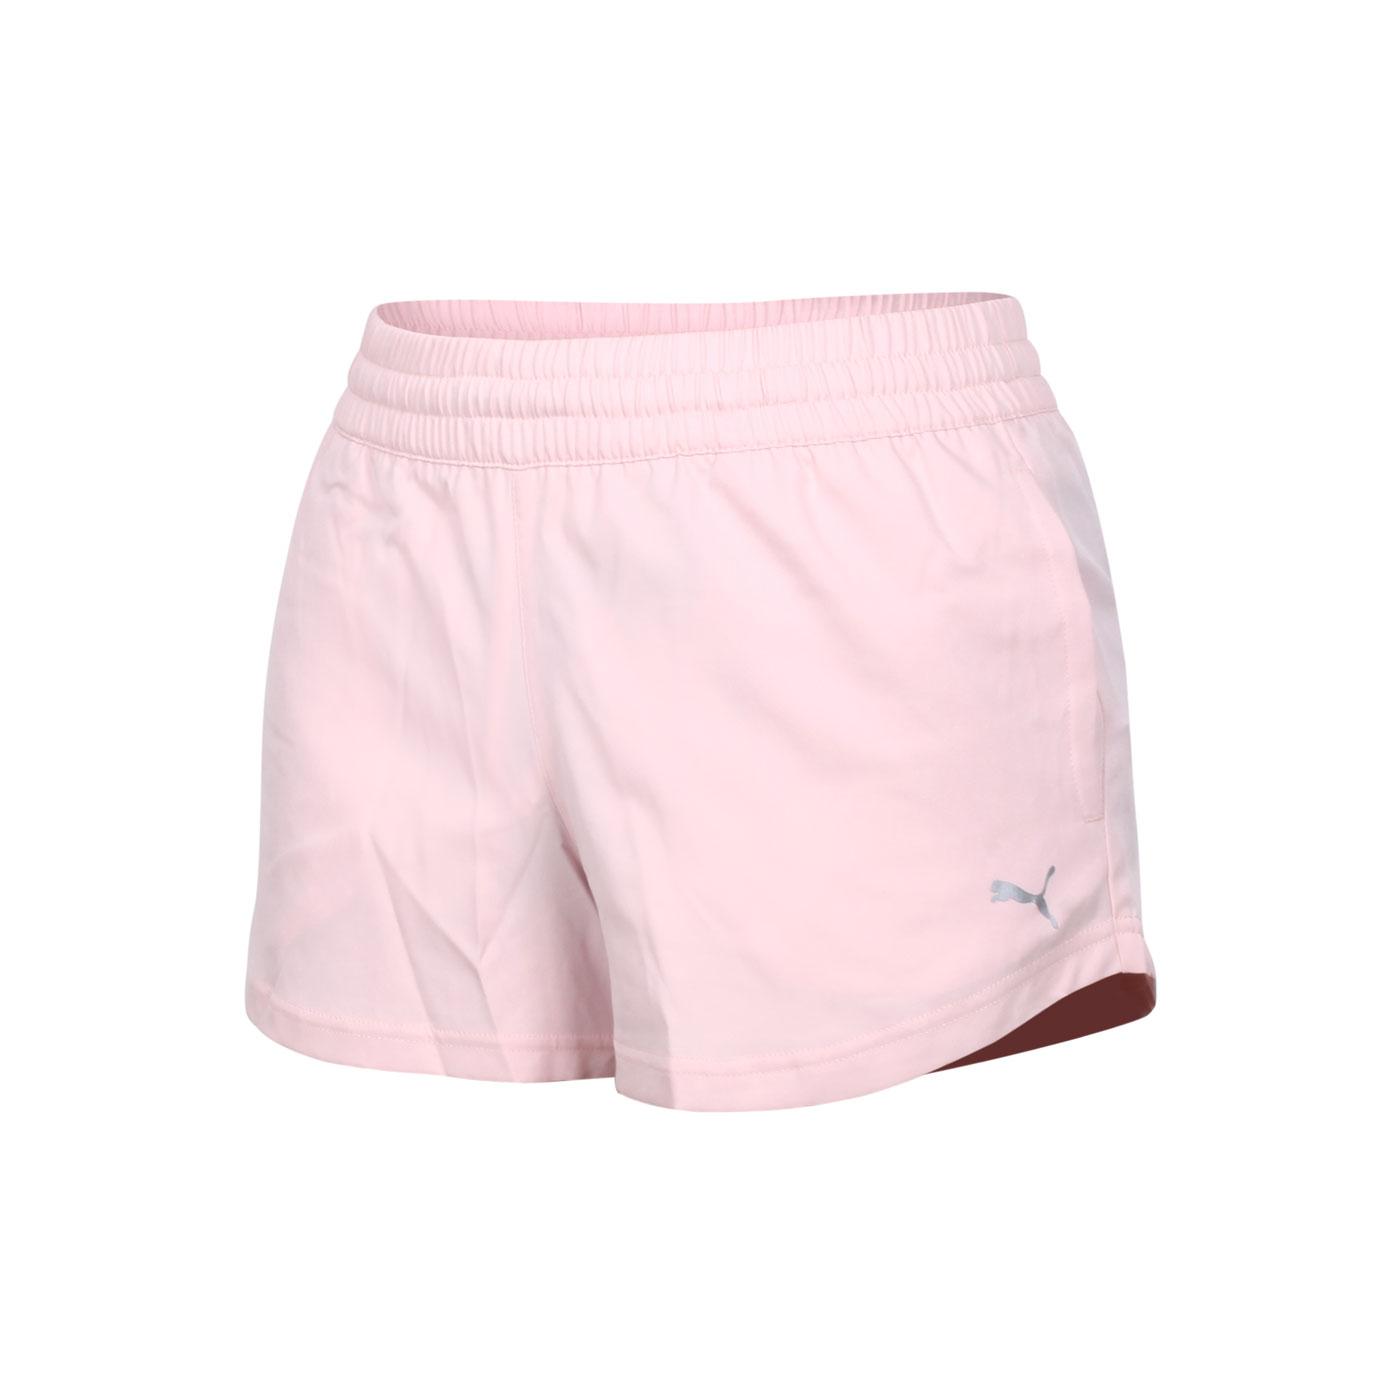 PUMA 女款3吋短風褲 52048836 - 粉紅銀